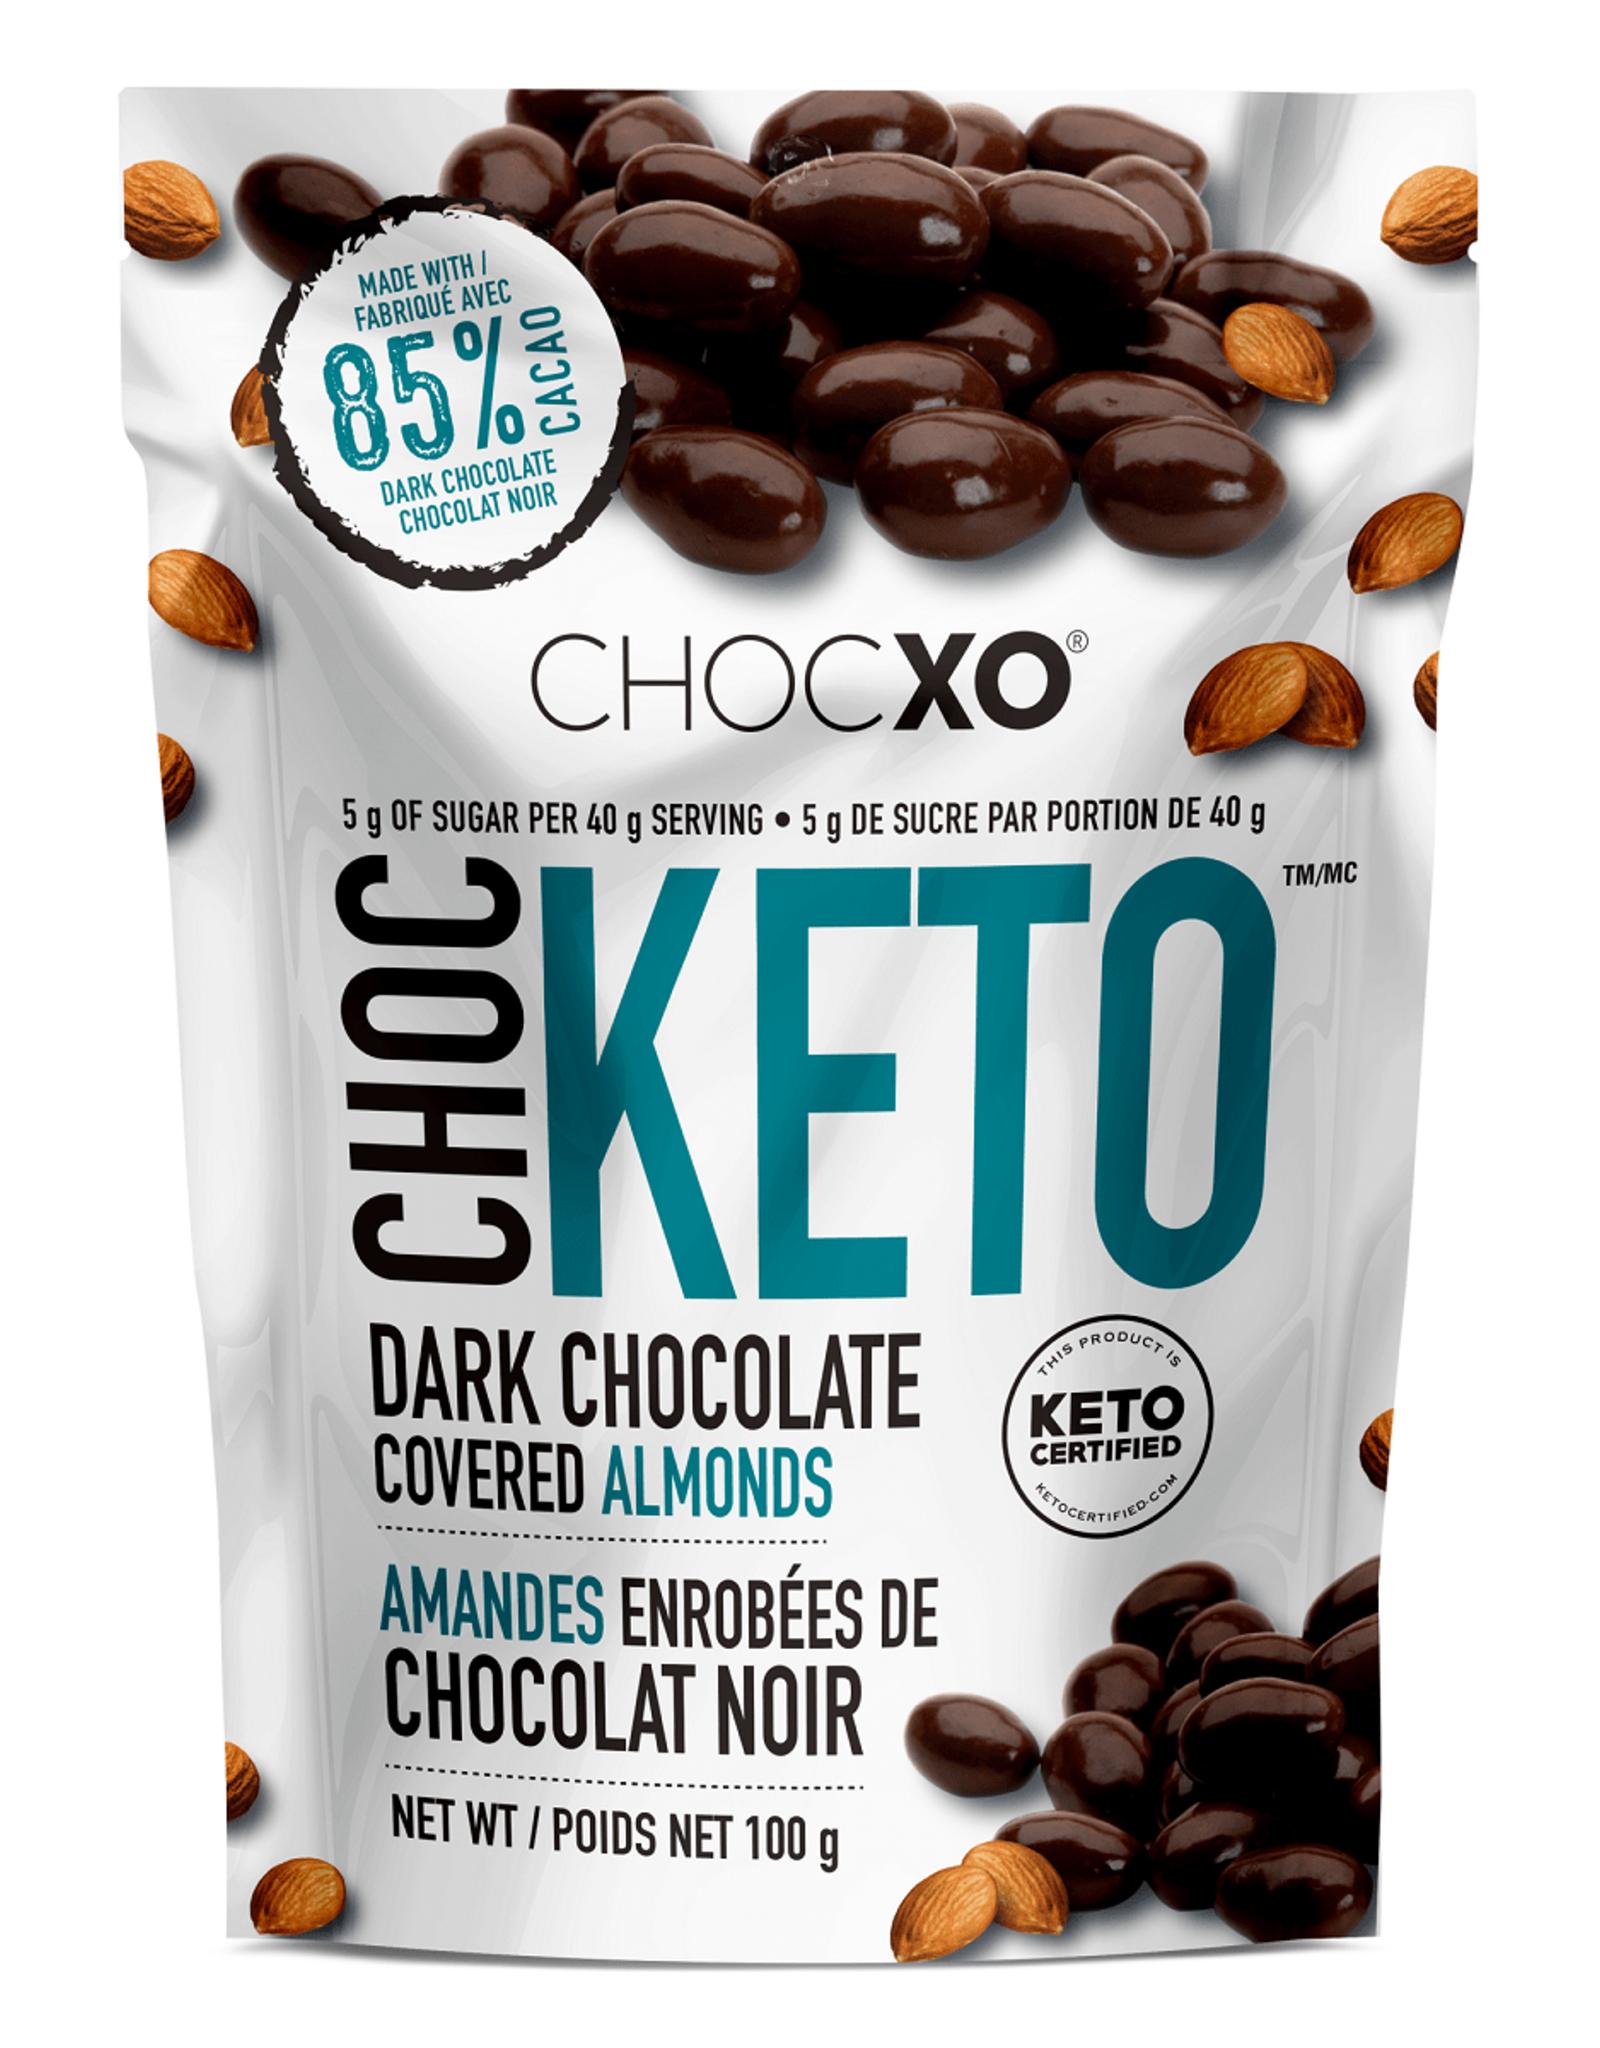 ChocXO Chocxo - Amandes Enrobées de Chocolat Noir 85% (100g)